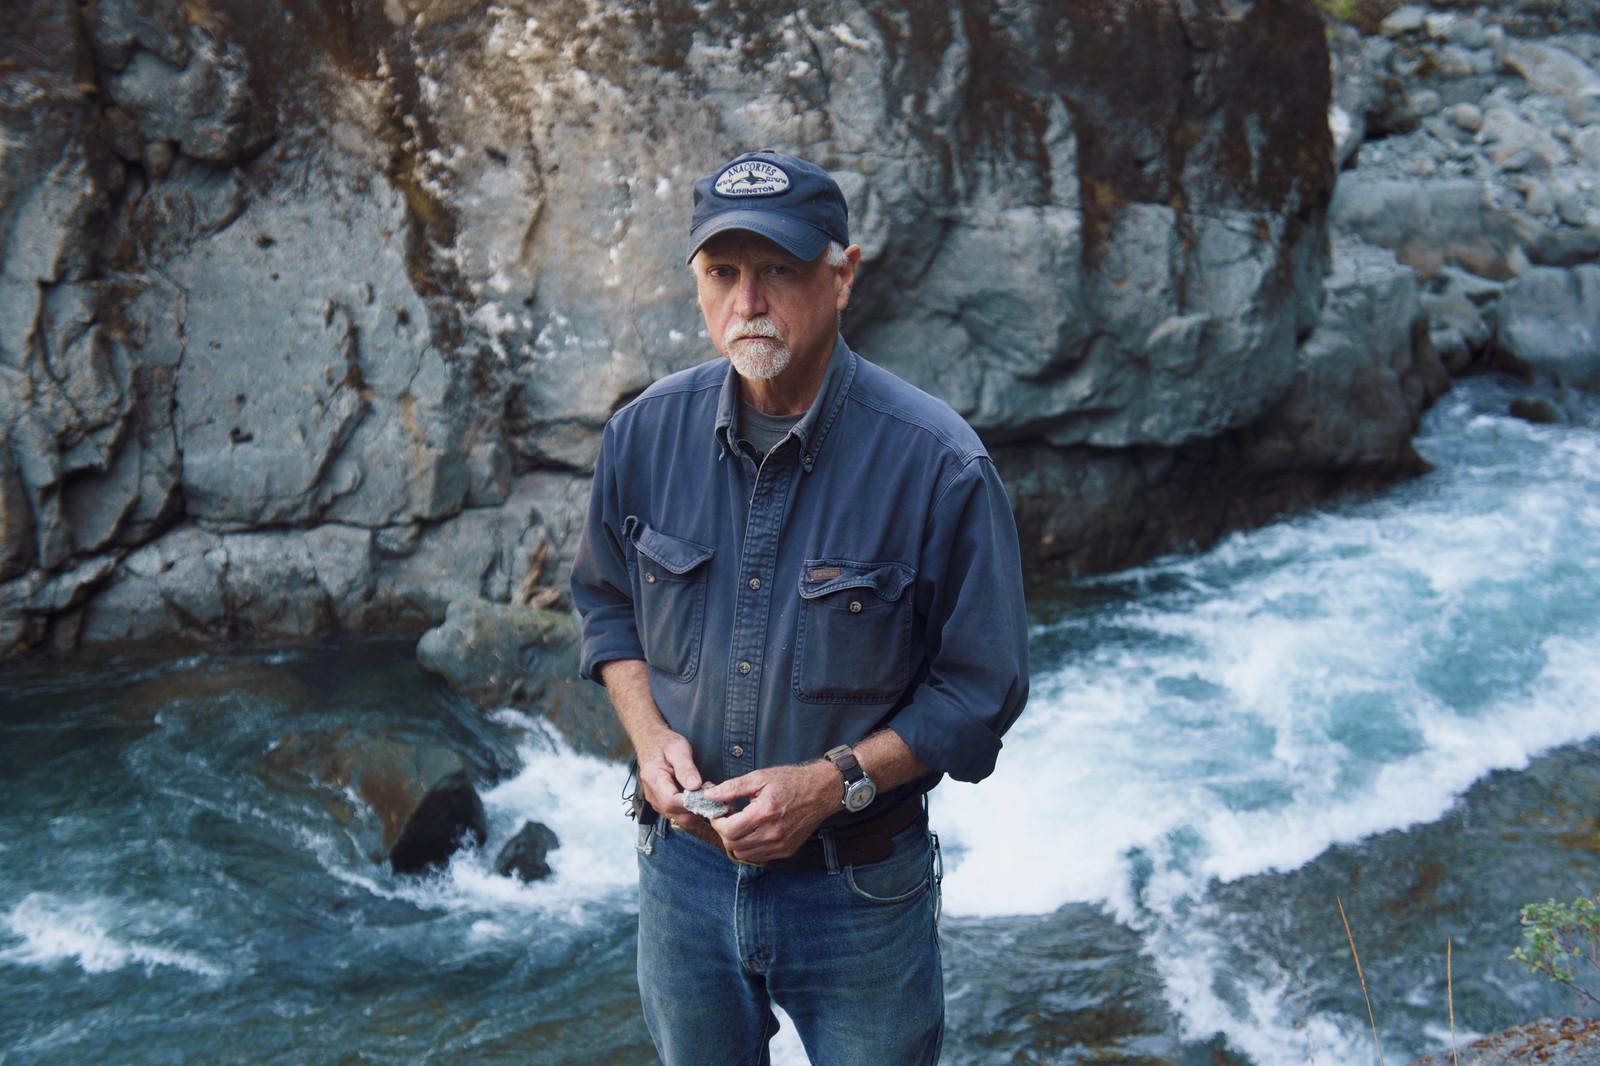 JIM WADDELL